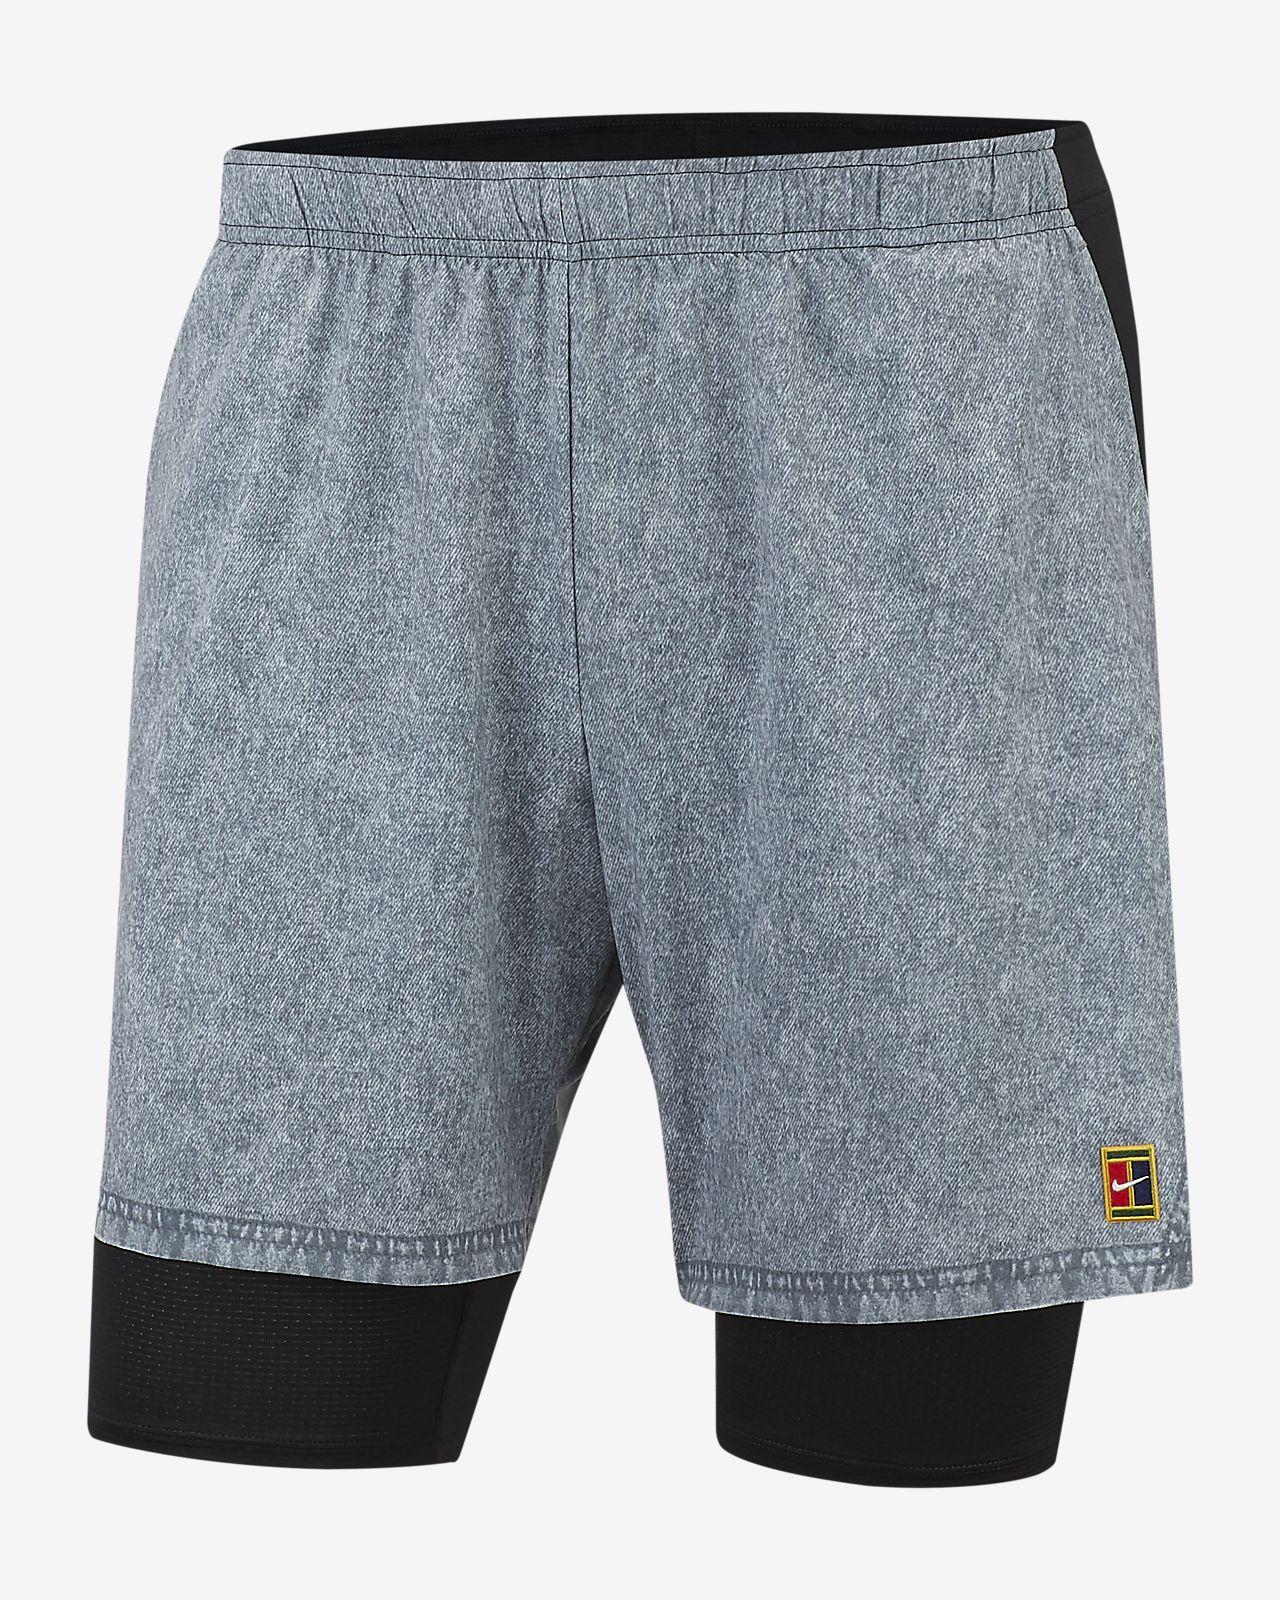 NikeCourt Flex Ace Herren-Tennisshorts mit Print